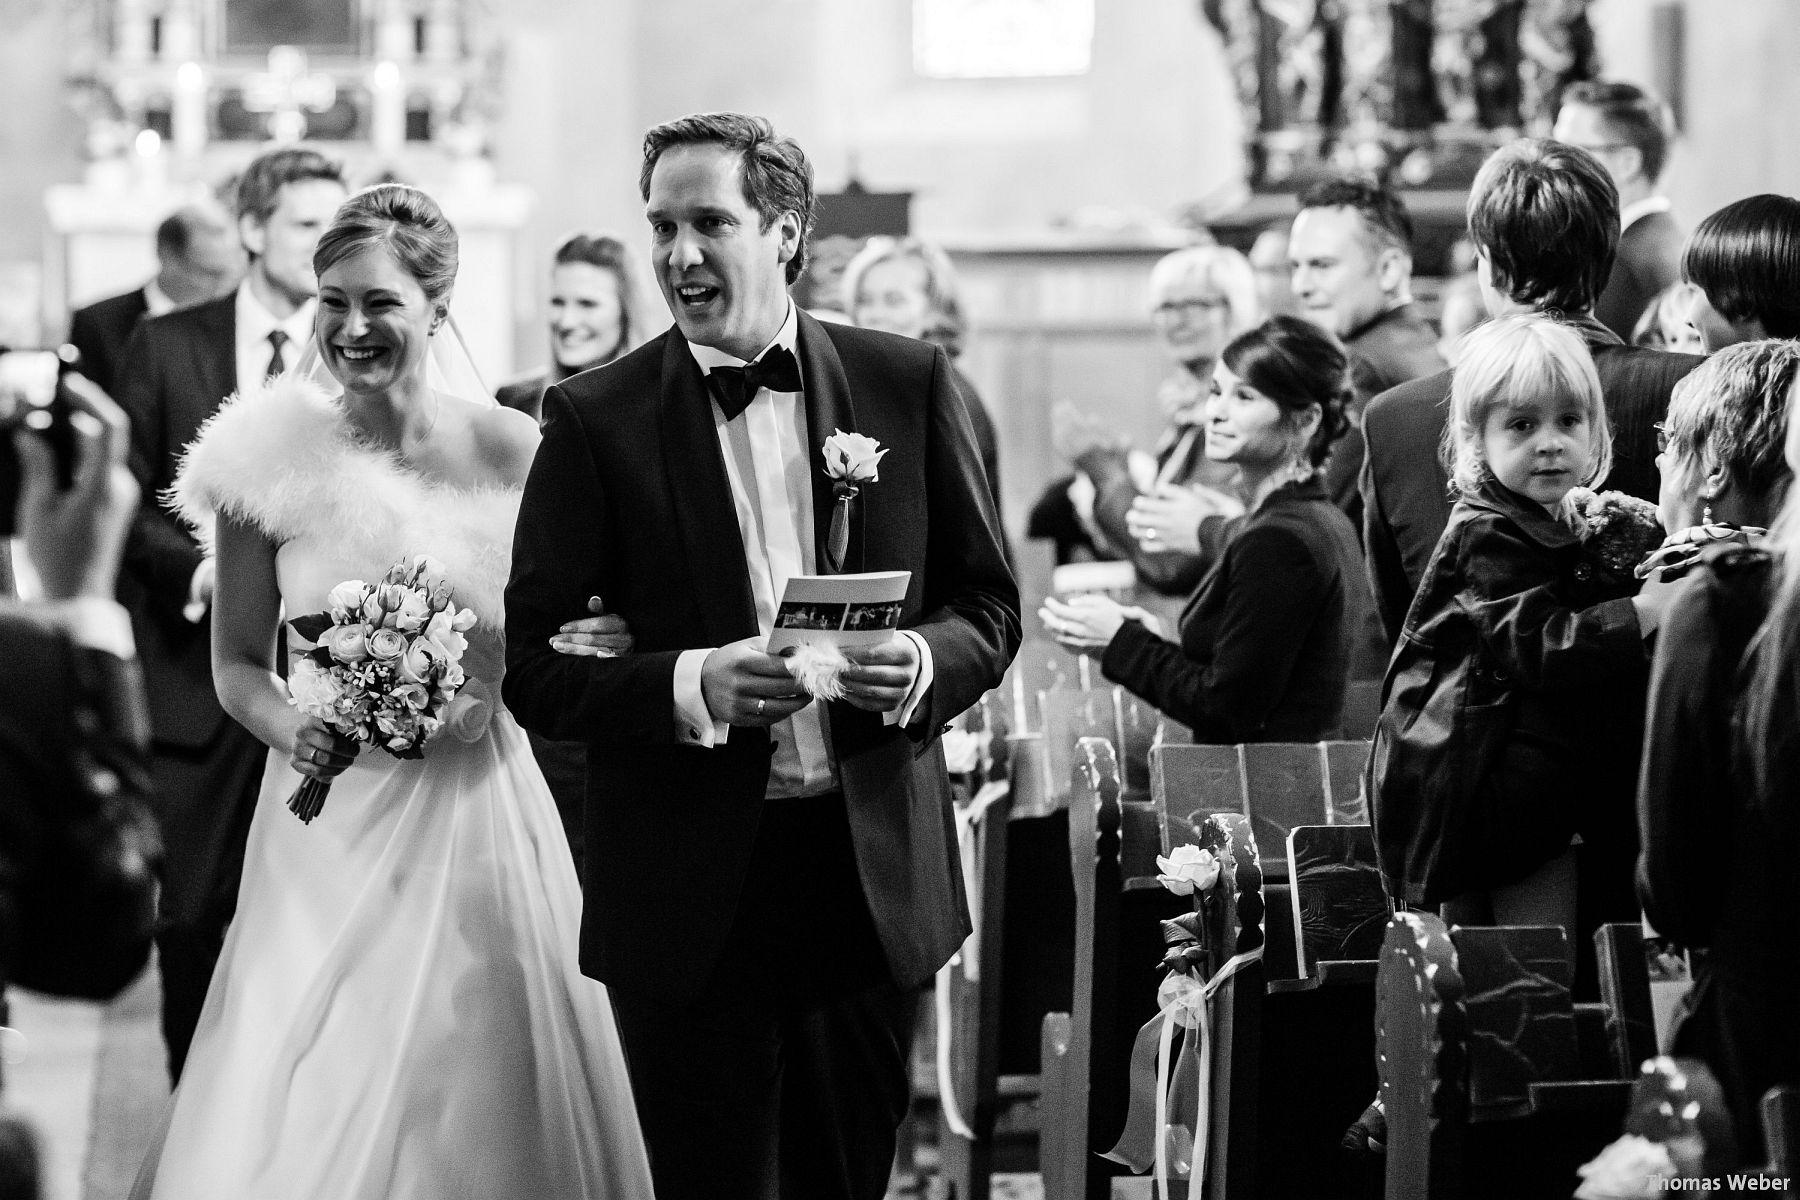 Hochzeitsfotograf Rastede: Kirchliche Trauung in der St. Ulrichs Kirche Rastede und Hochzeitsfeier in der Eventscheune St Georg Rastede mit dem Catering von Split Food (Michael Niebuhr) aus Oldenburg (14)